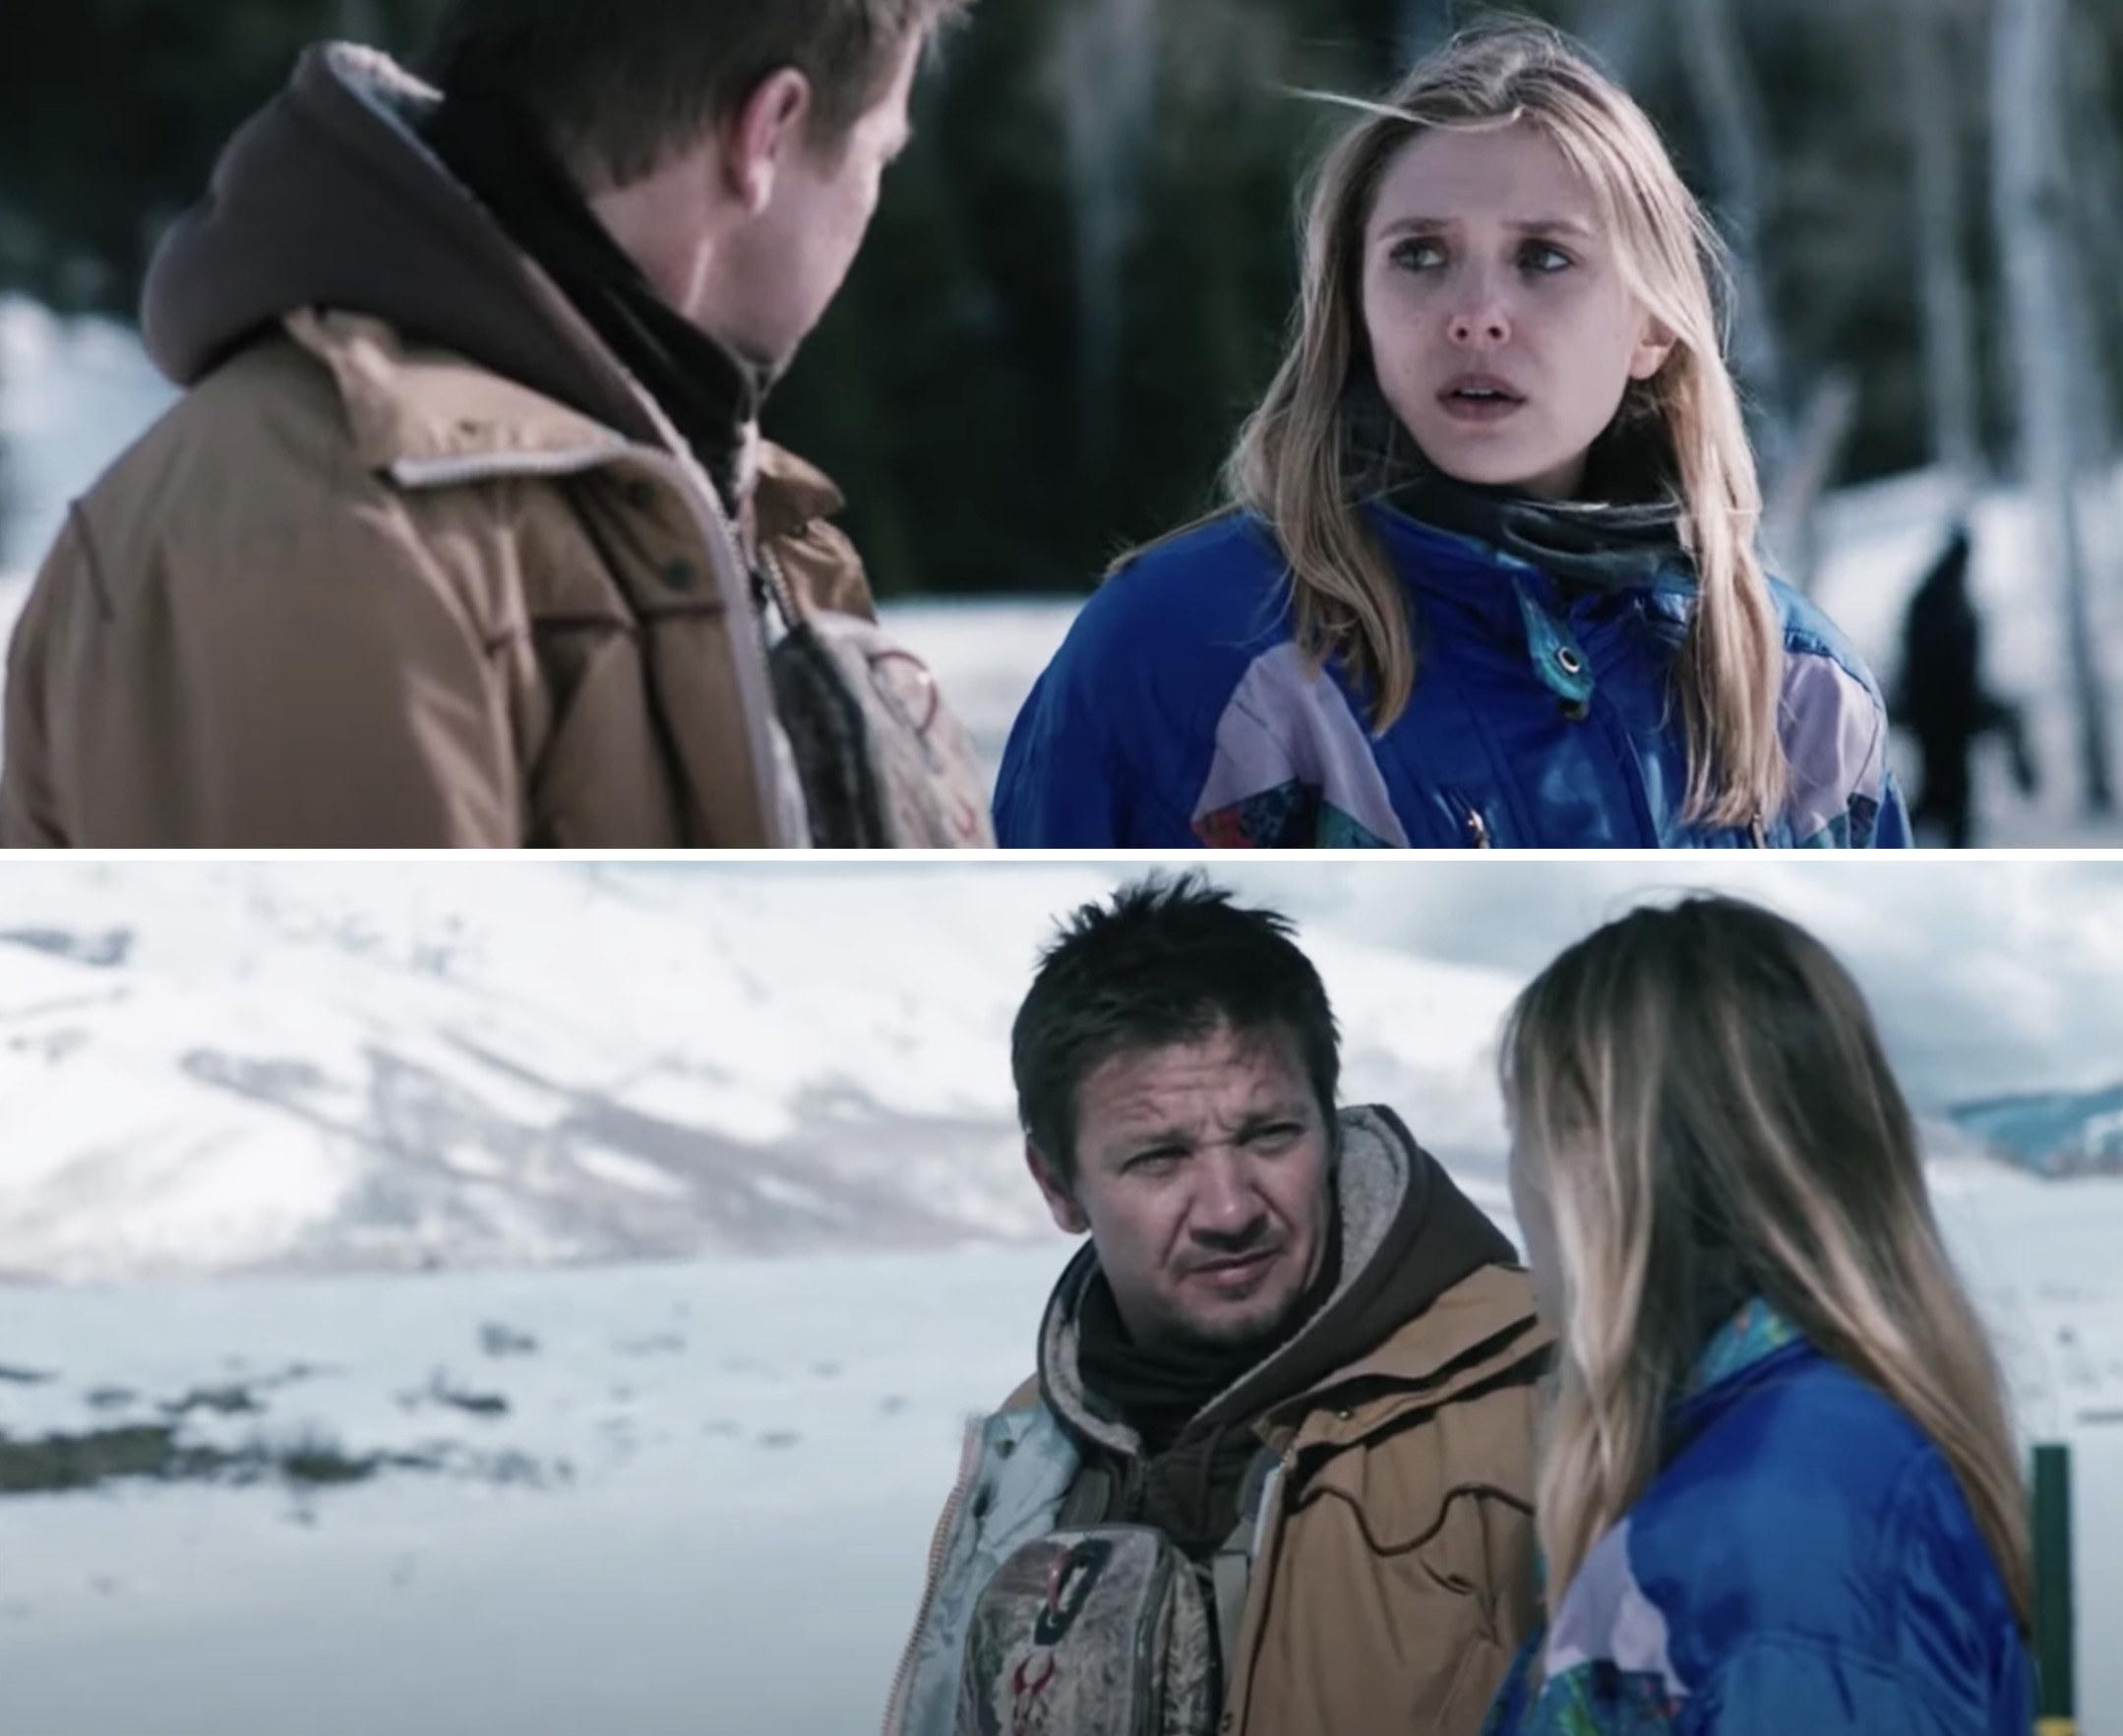 Jeremy Renner and Elizabeth Olsen in Wind River